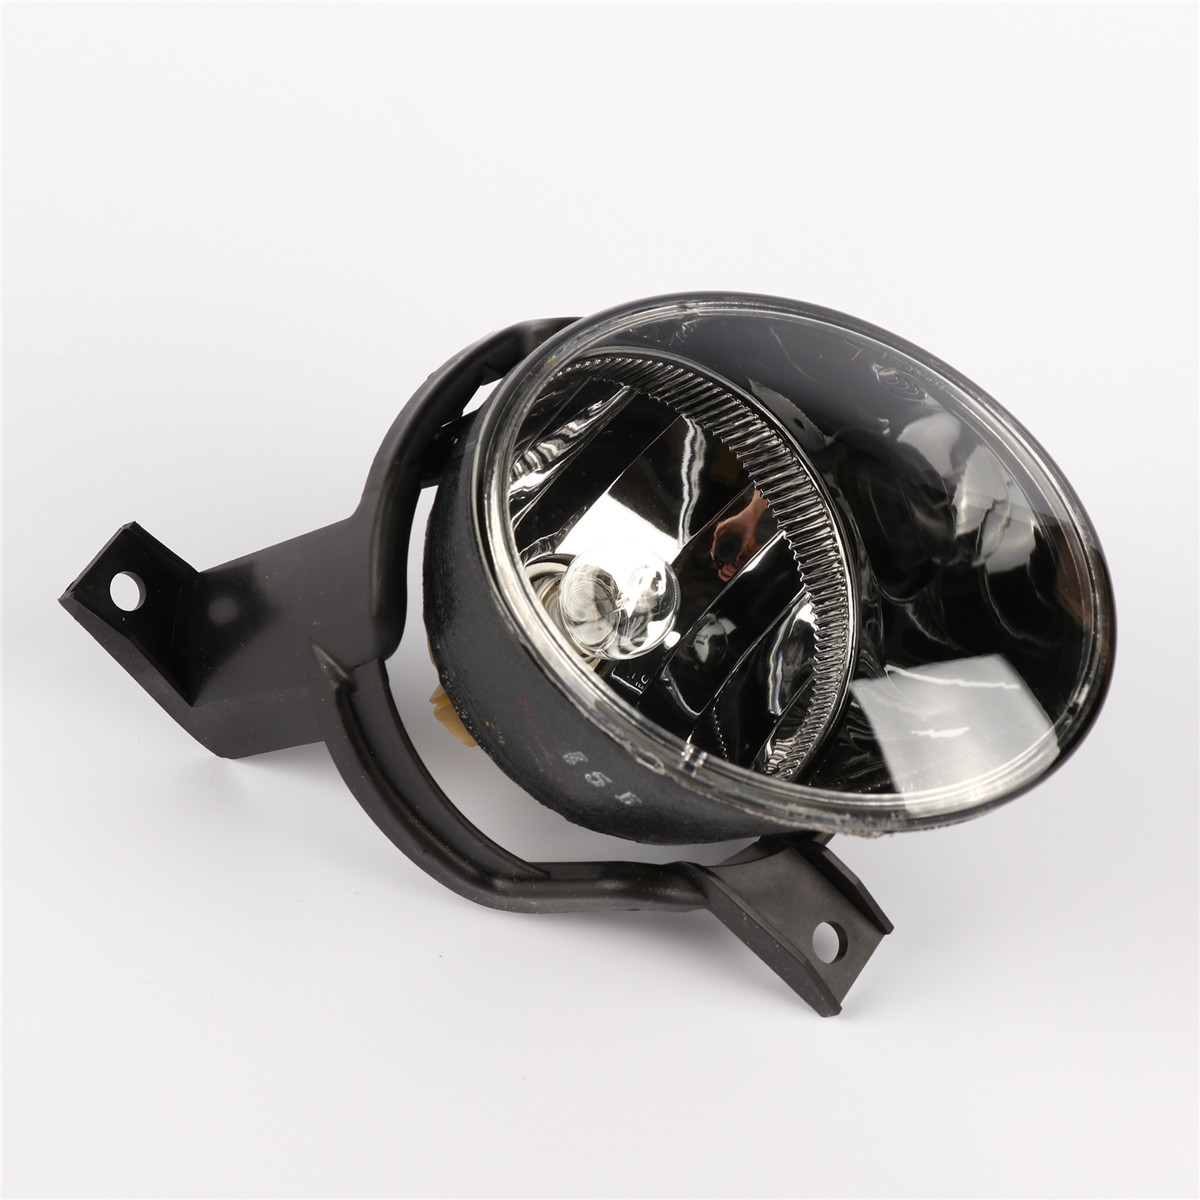 1PCS OEM Front Left Halogen Fog Lamp Light 18G 941 699 B For VW Golf MK6 Jetta MK6 oem 3w5616039 for vw phaeton front left air suspension air spring bag struts